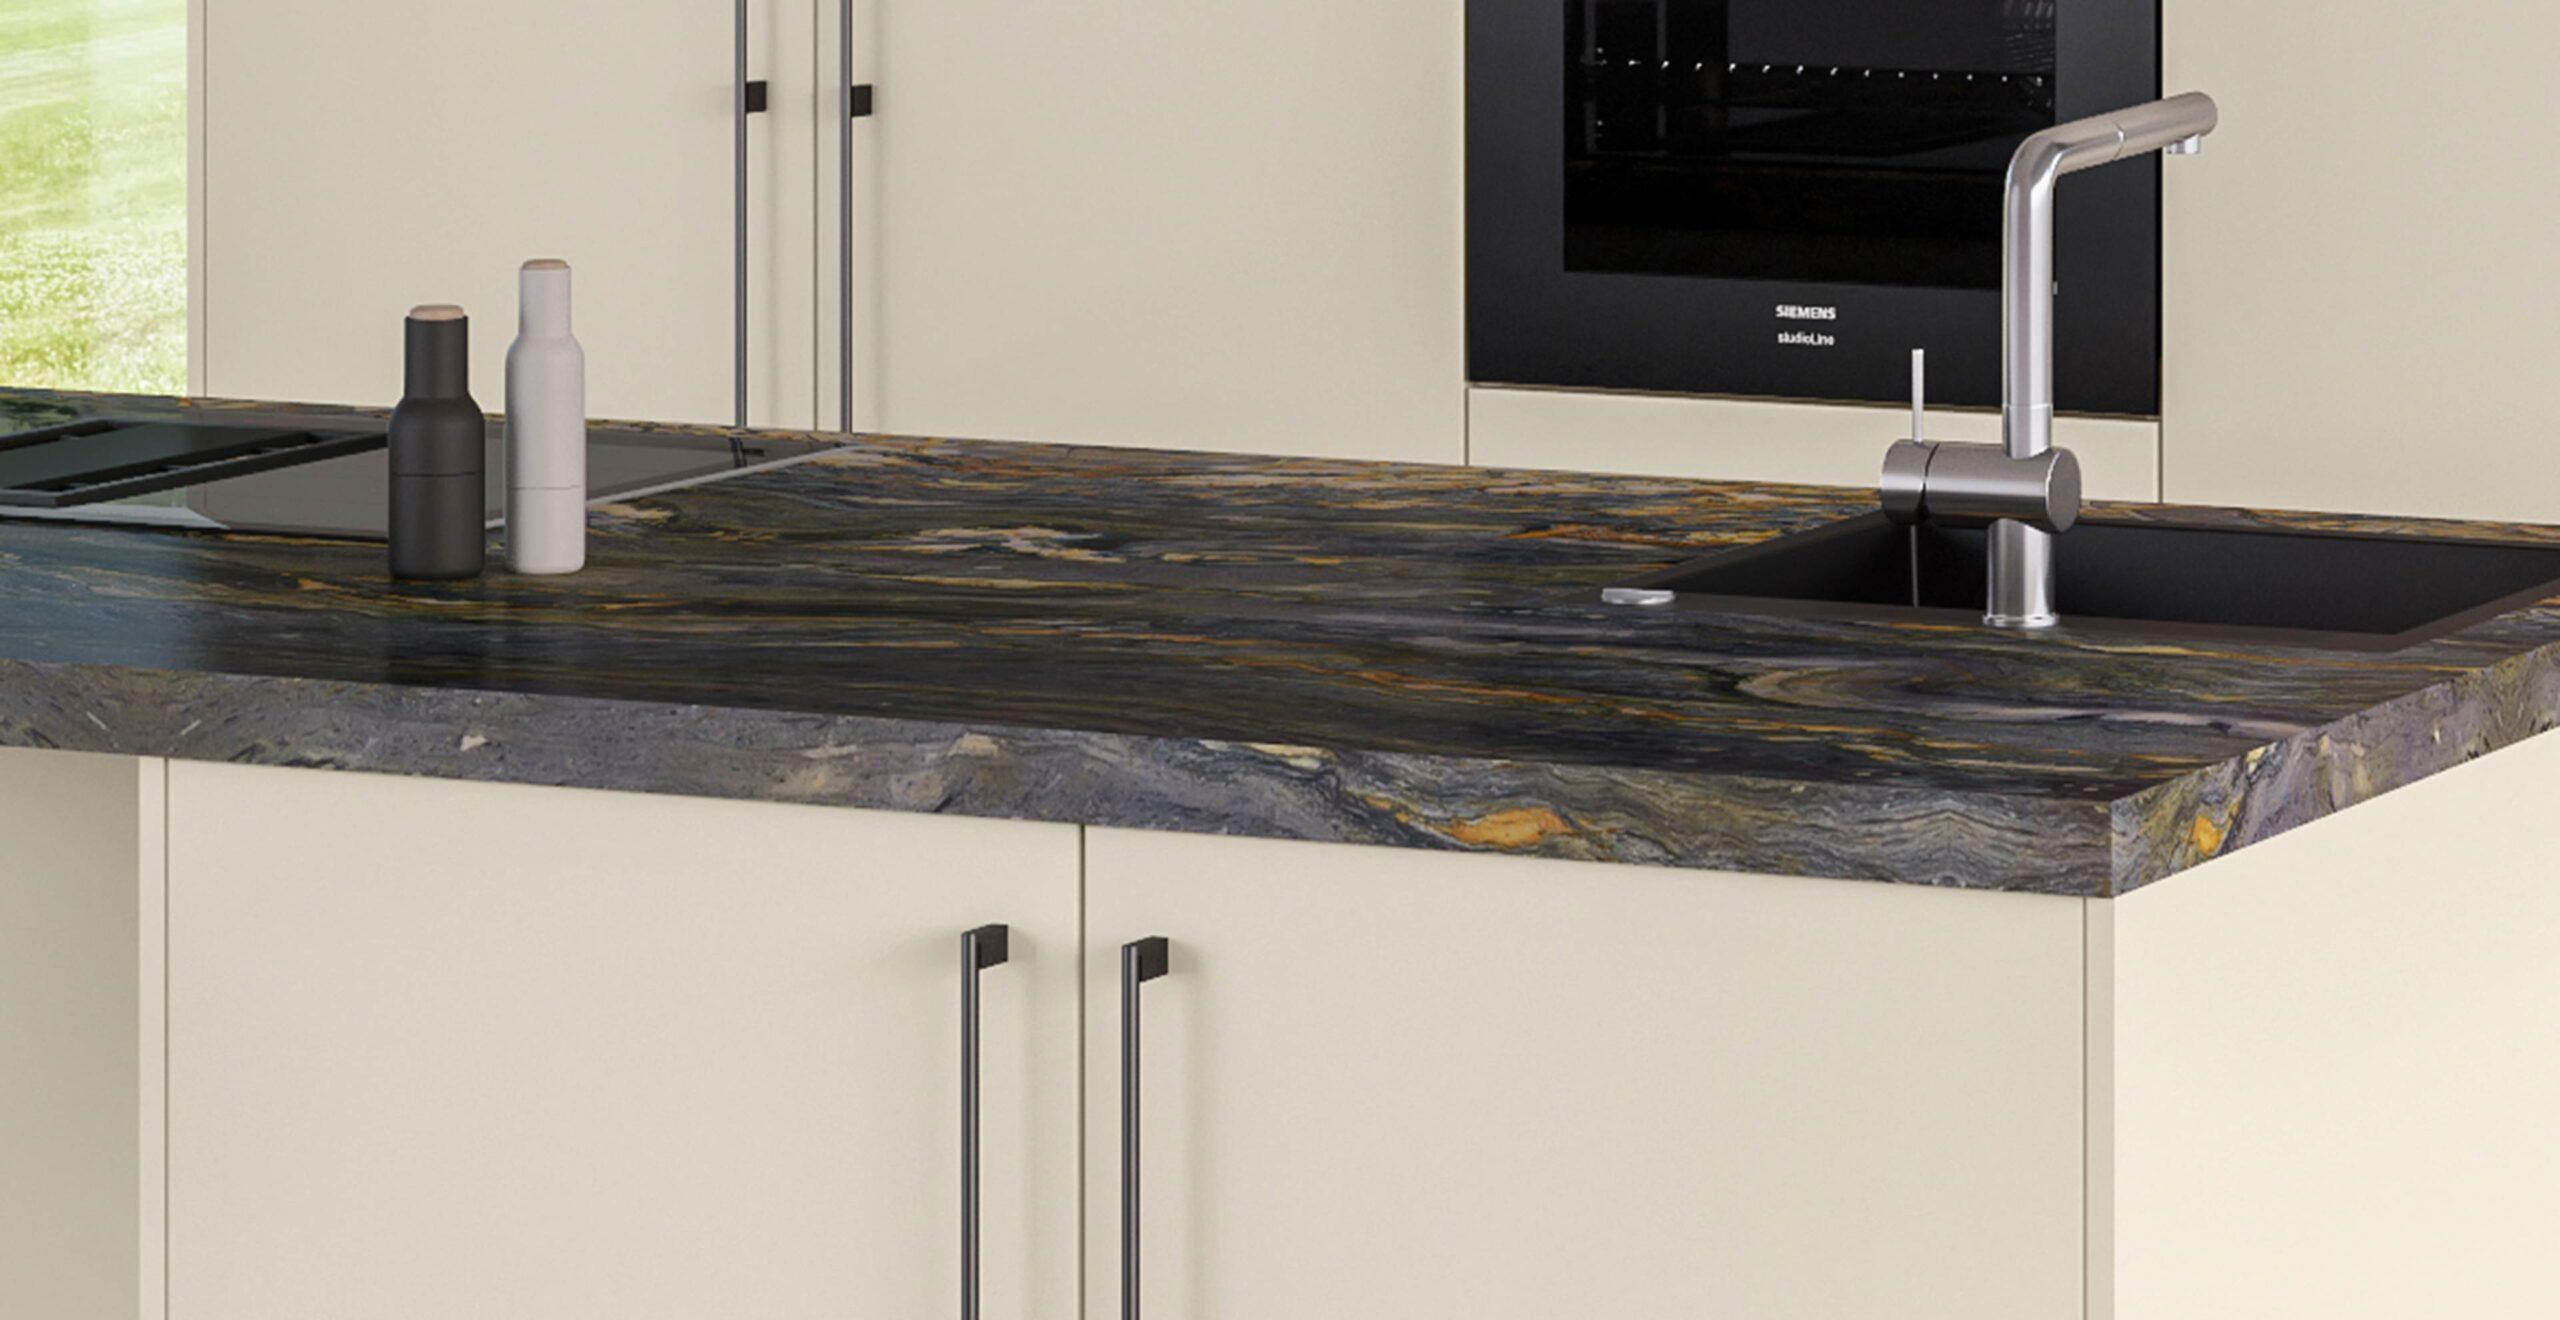 Full Size of Granit Arbeitsplatte Arbeitsplatten Zum Toppreis Marquardt Kchen Granitplatten Küche Sideboard Mit Wohnzimmer Granit Arbeitsplatte